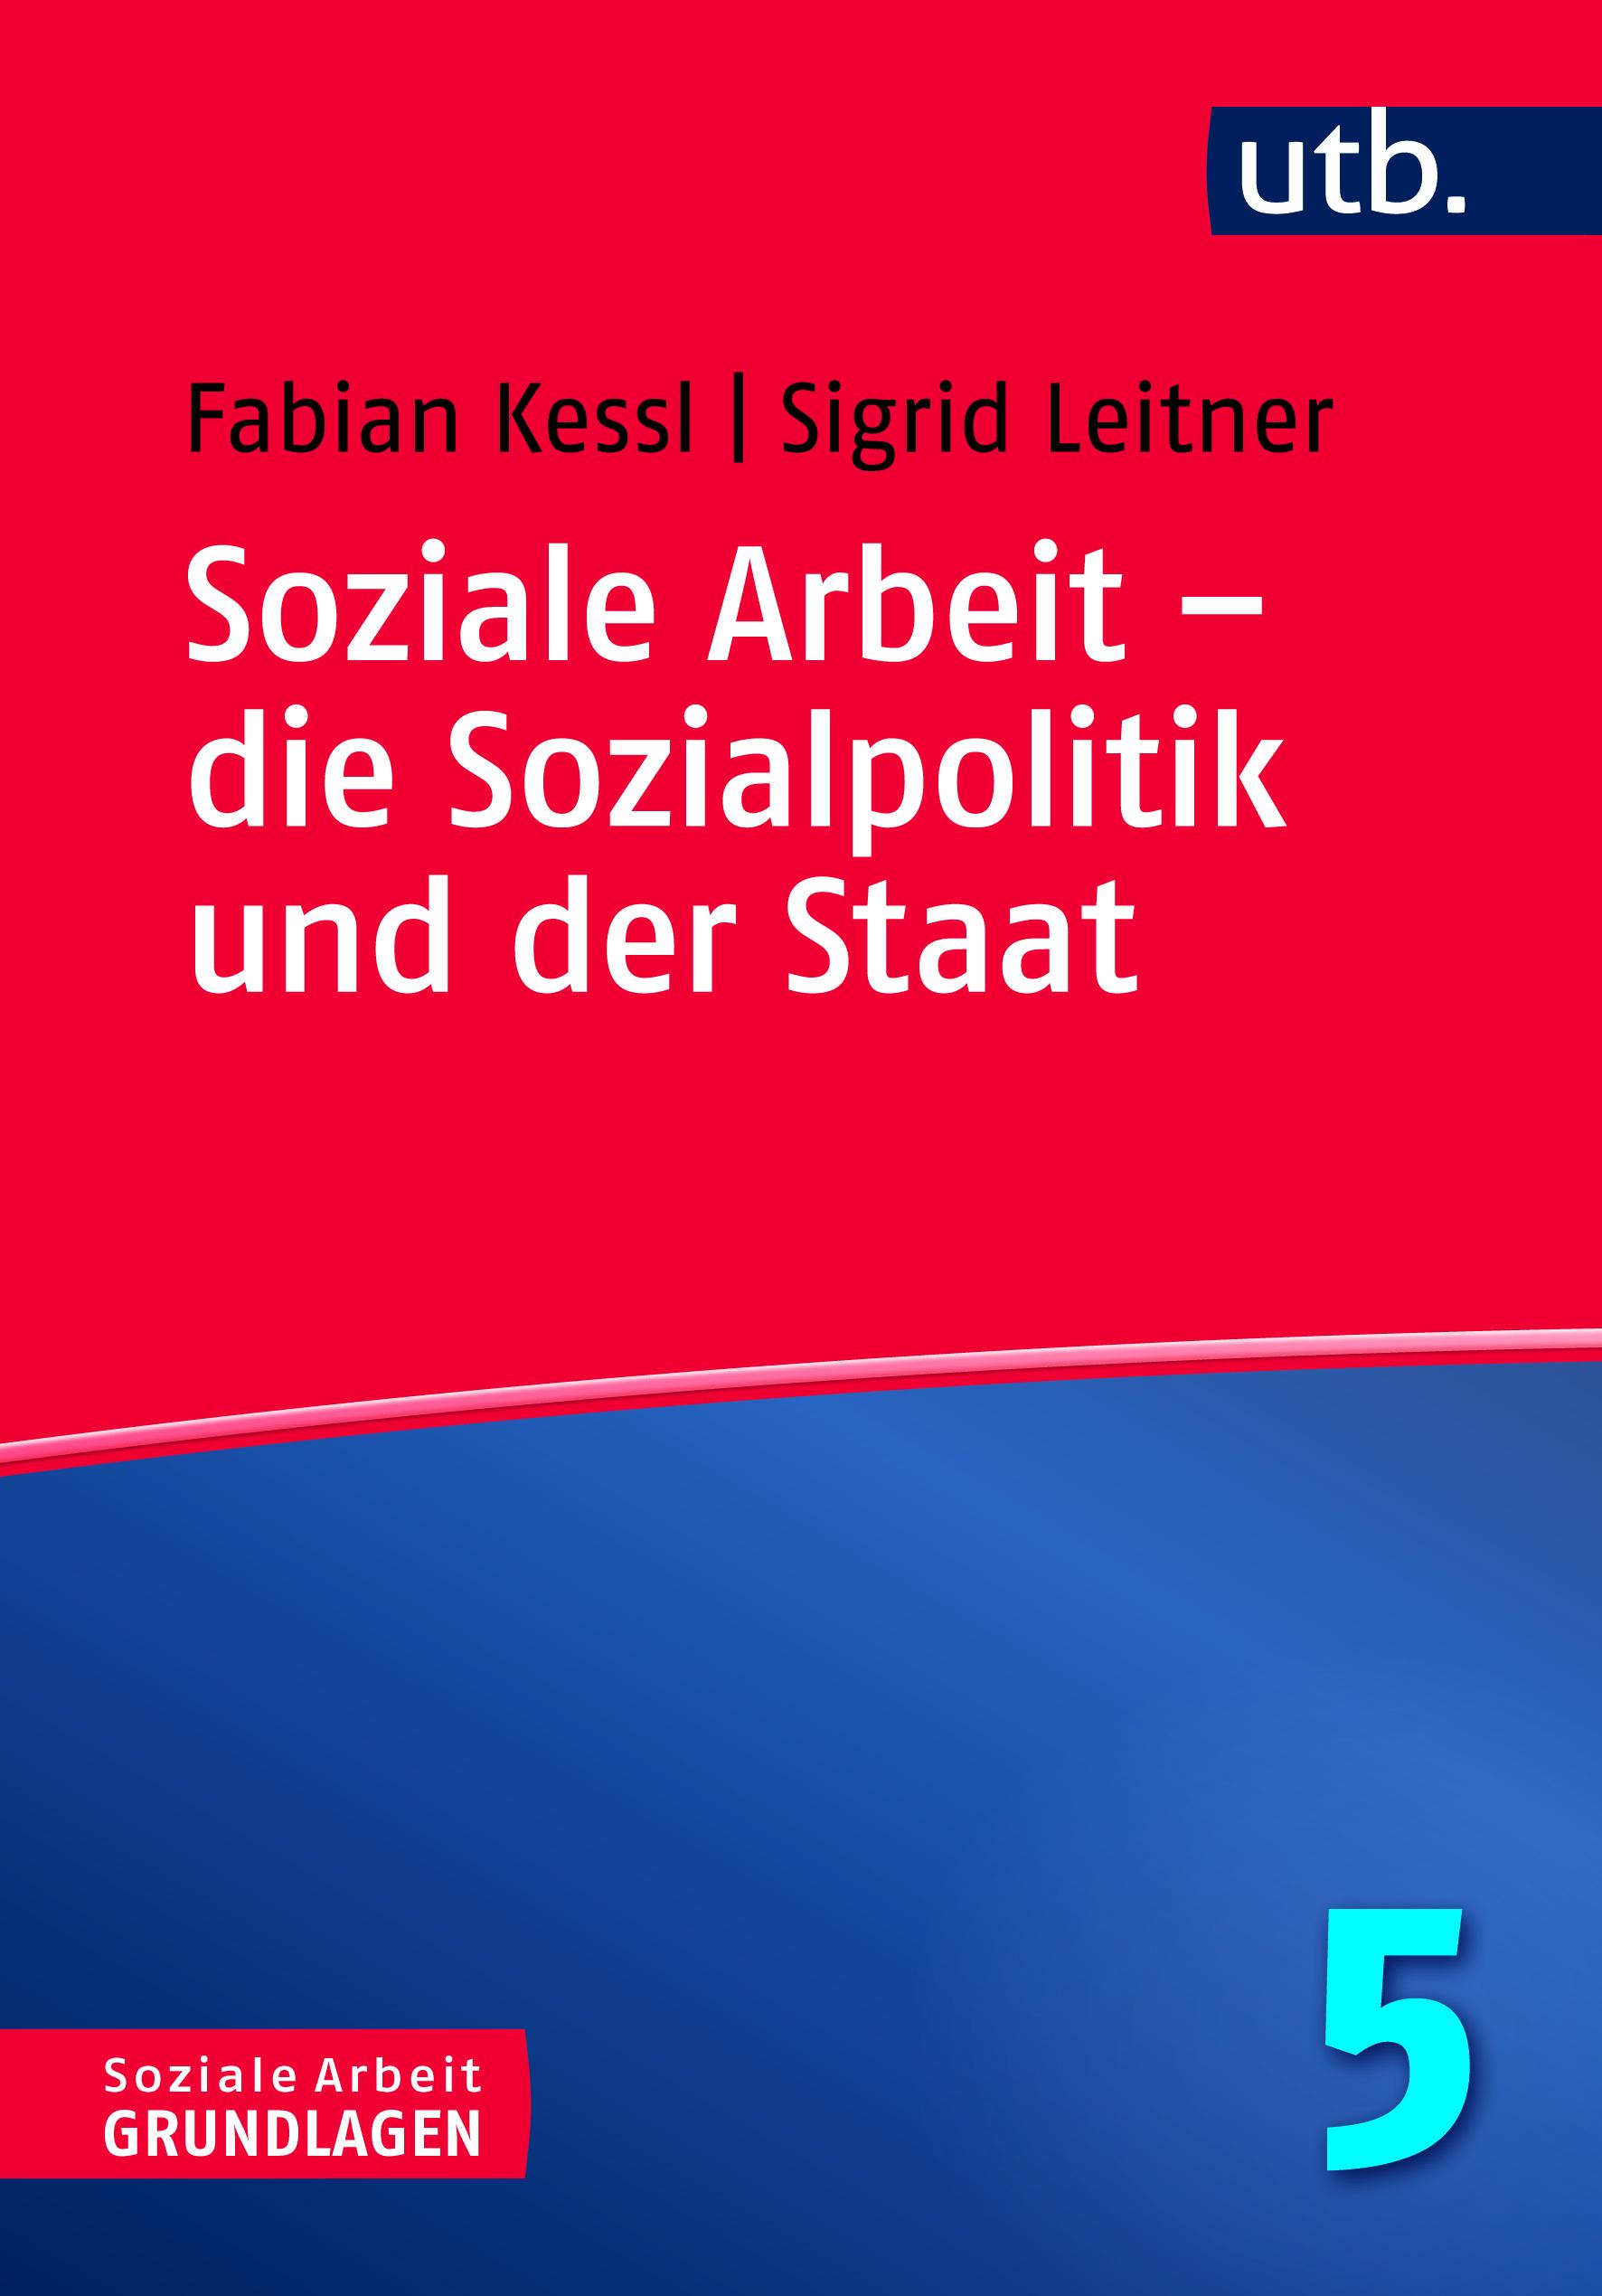 Soziale Arbeit - die Sozialpolitik und der Staat